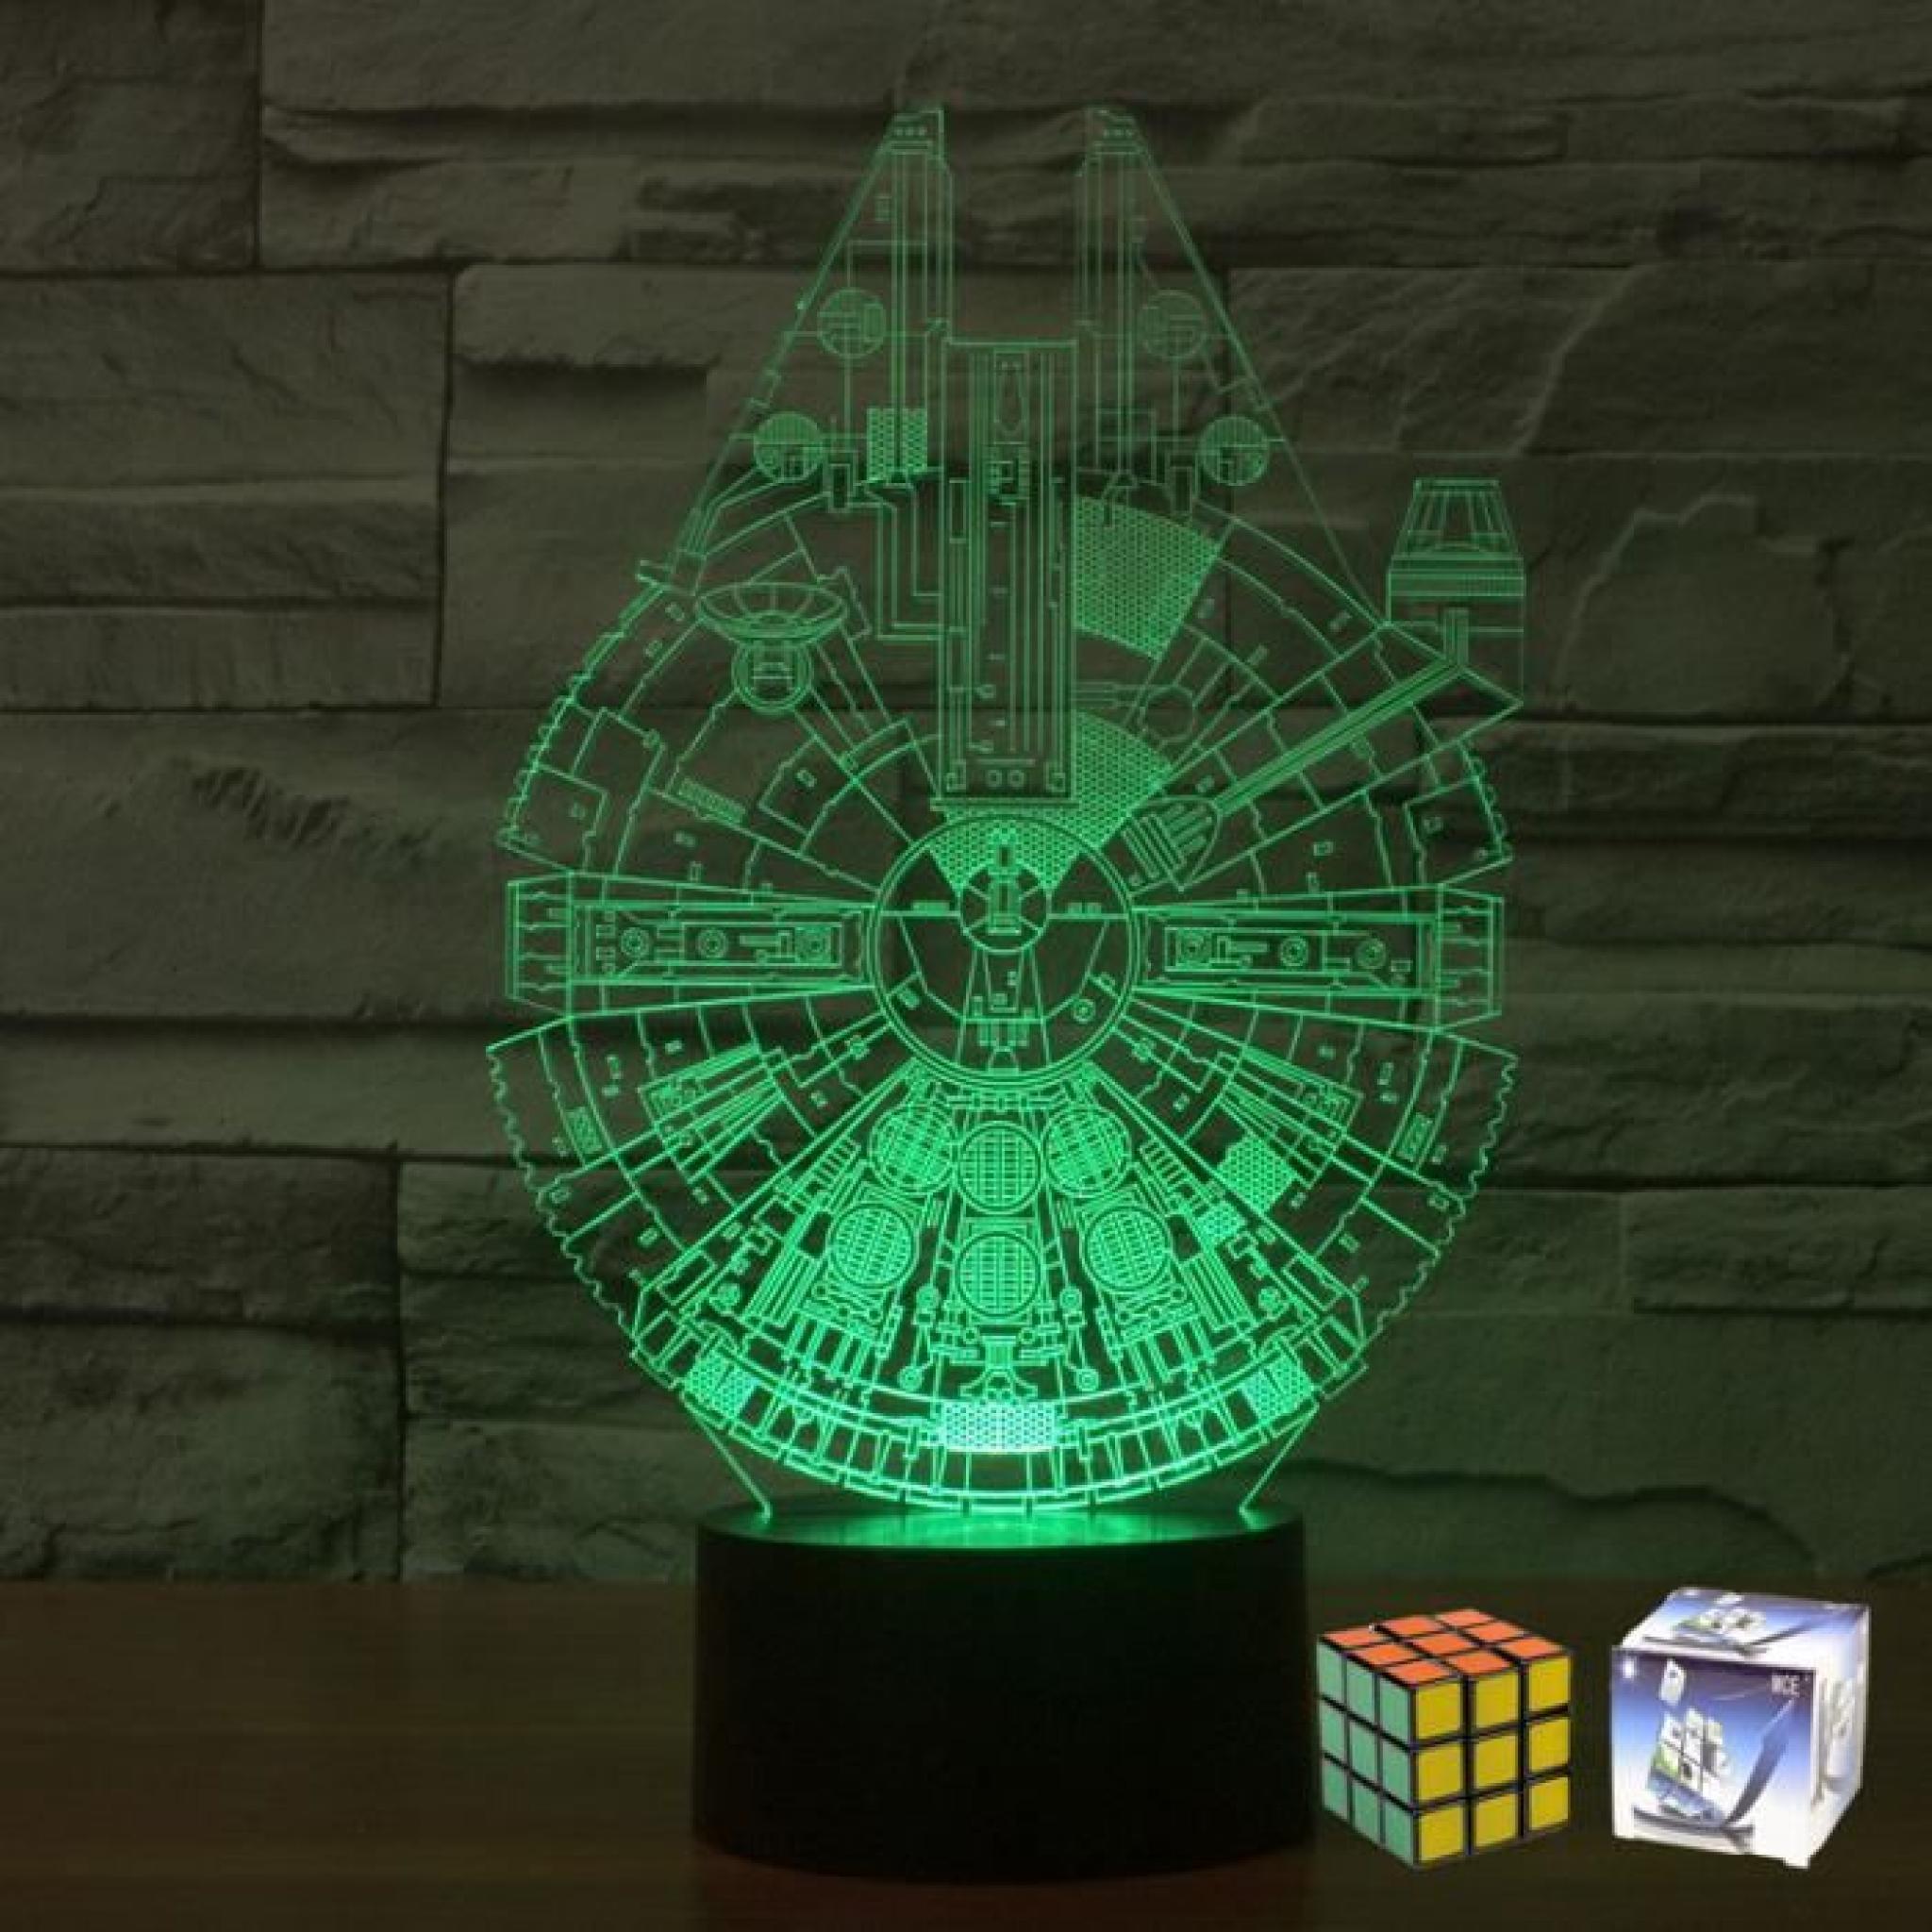 Wars Led Millennium Rubik's Mce Cube Lampe un Gratuit Acrylique Falco Coloré 3d Sept Star Gradient w80OXknP